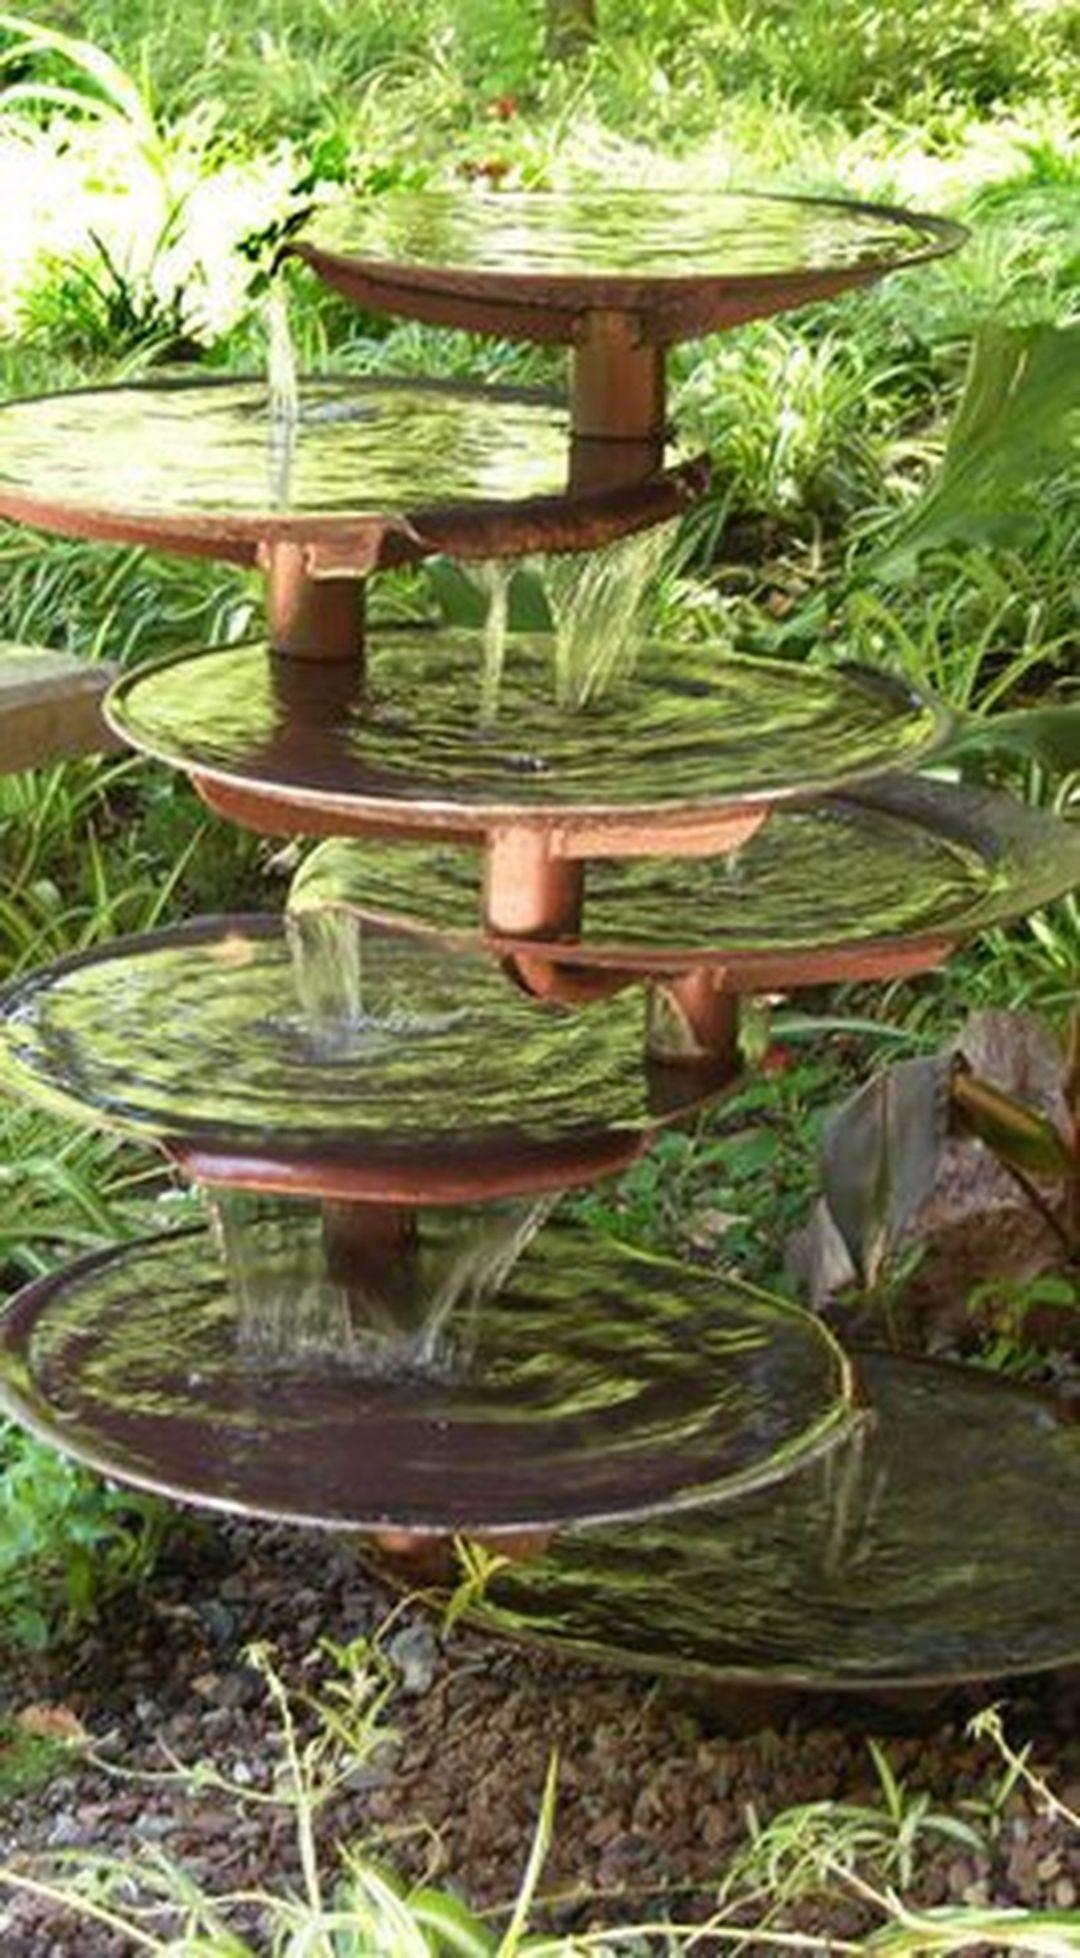 20 Gorgeous Zen Garden Design Ideas For Inspiration Water Features In The Garden Fountains Outdoor Garden Fountains